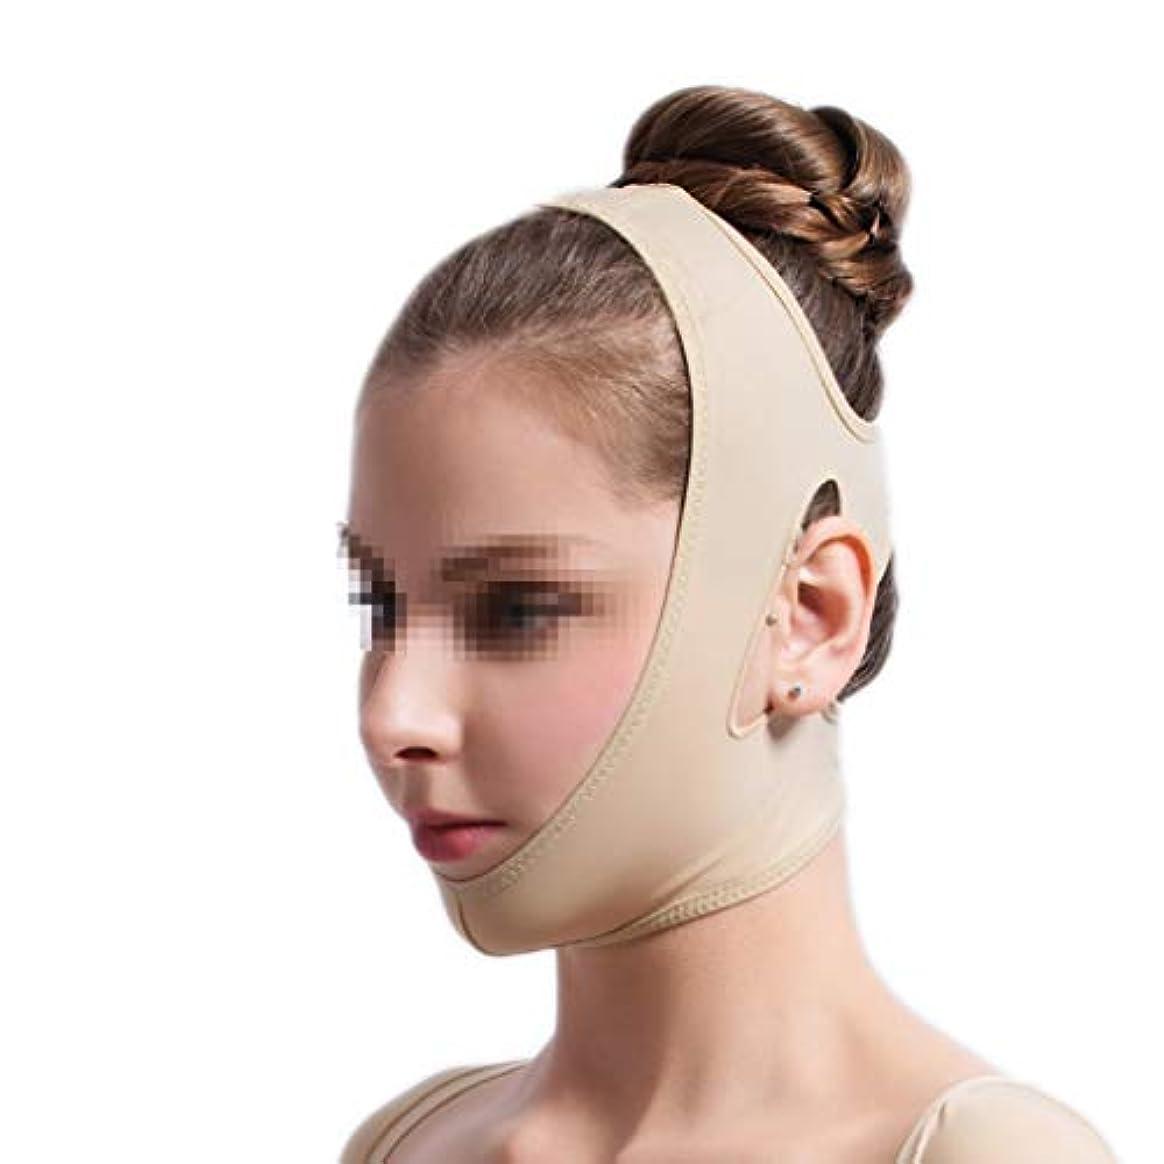 逮捕標高柔和XHLMRMJ フェイスリフトマスク、下顎袖医療グレード脂肪吸引術整形弾性ヘッドギアダブルあご顔ライン彫刻圧力包帯 (Size : XL)